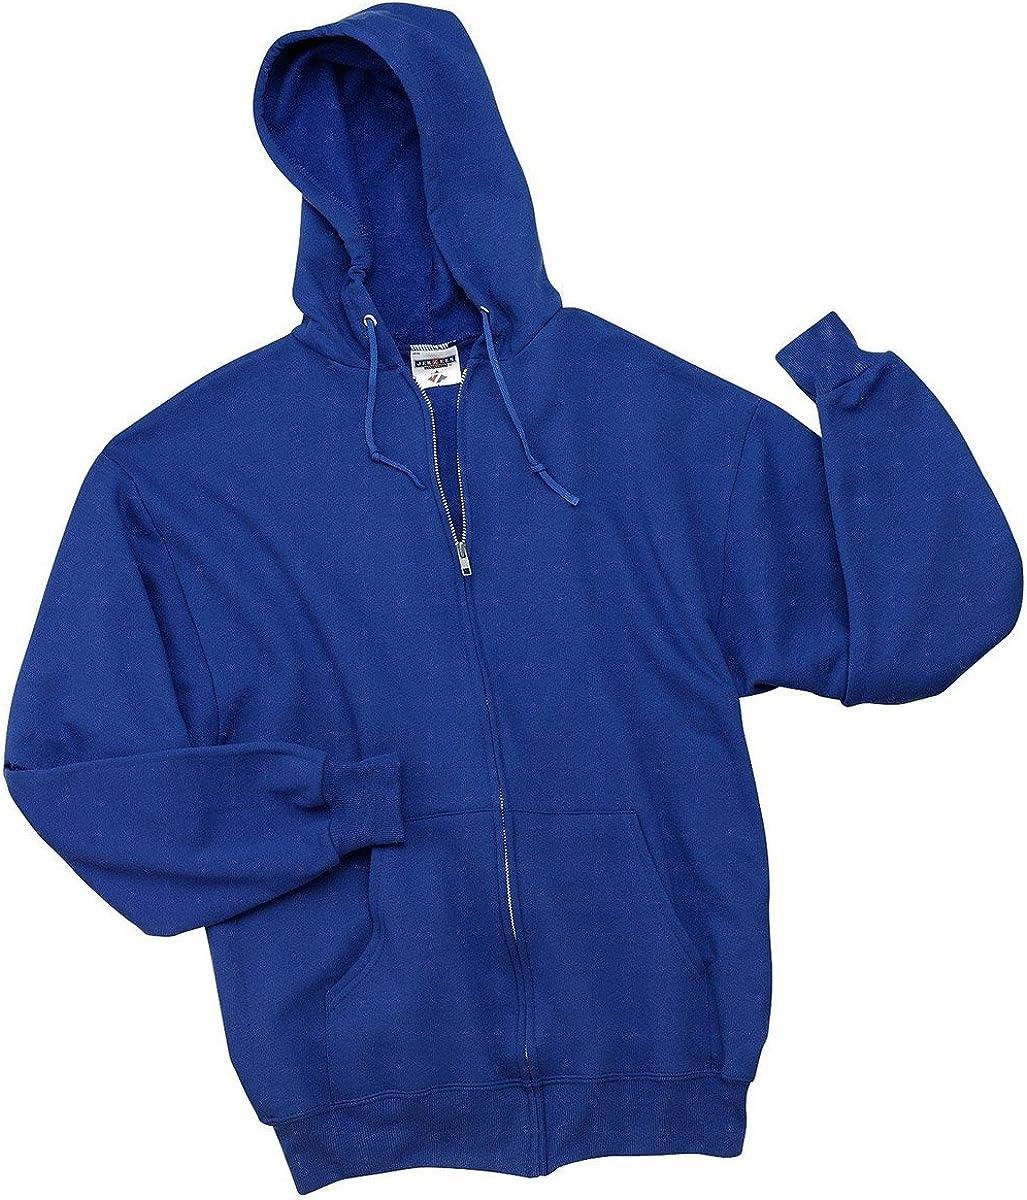 Jerzees boys NuBlend Full-Zip Hooded Sweatshirt (993B) ROYAL